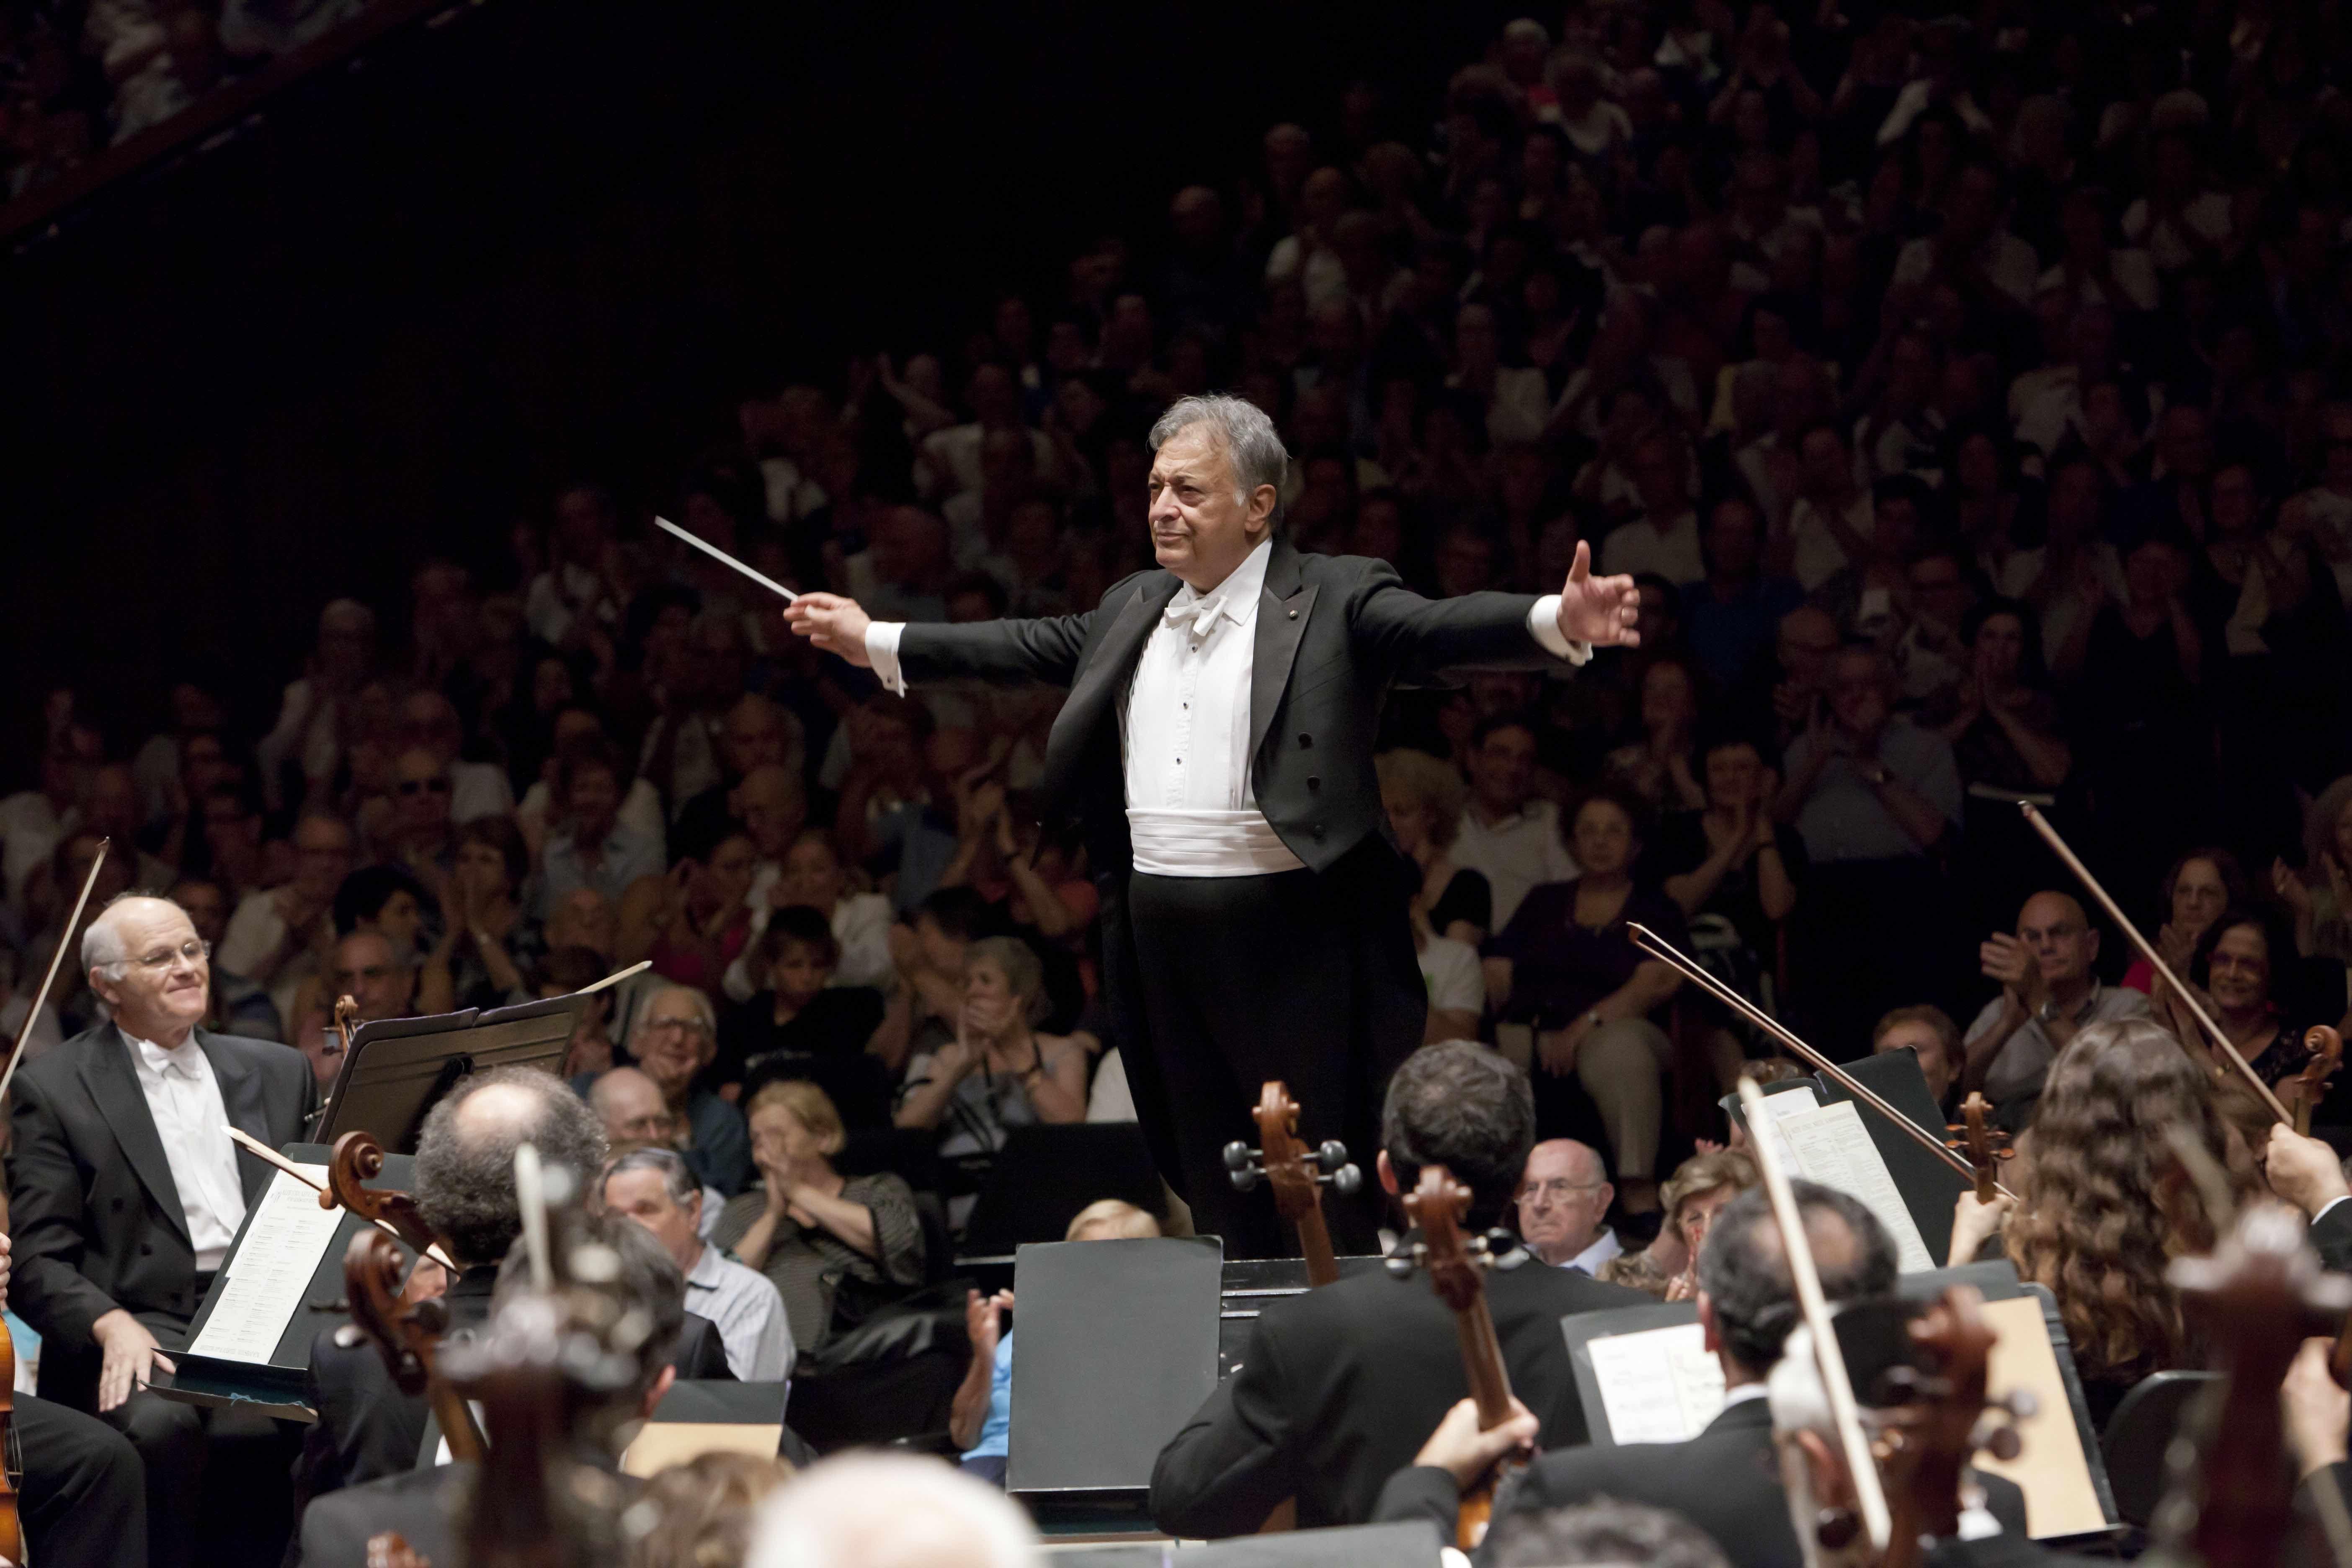 Filarmônica de Israel sob a regência de Zubin Mehta faz apresentação única em SP. Orquestra e Maestro completam 80 anos em 2016.